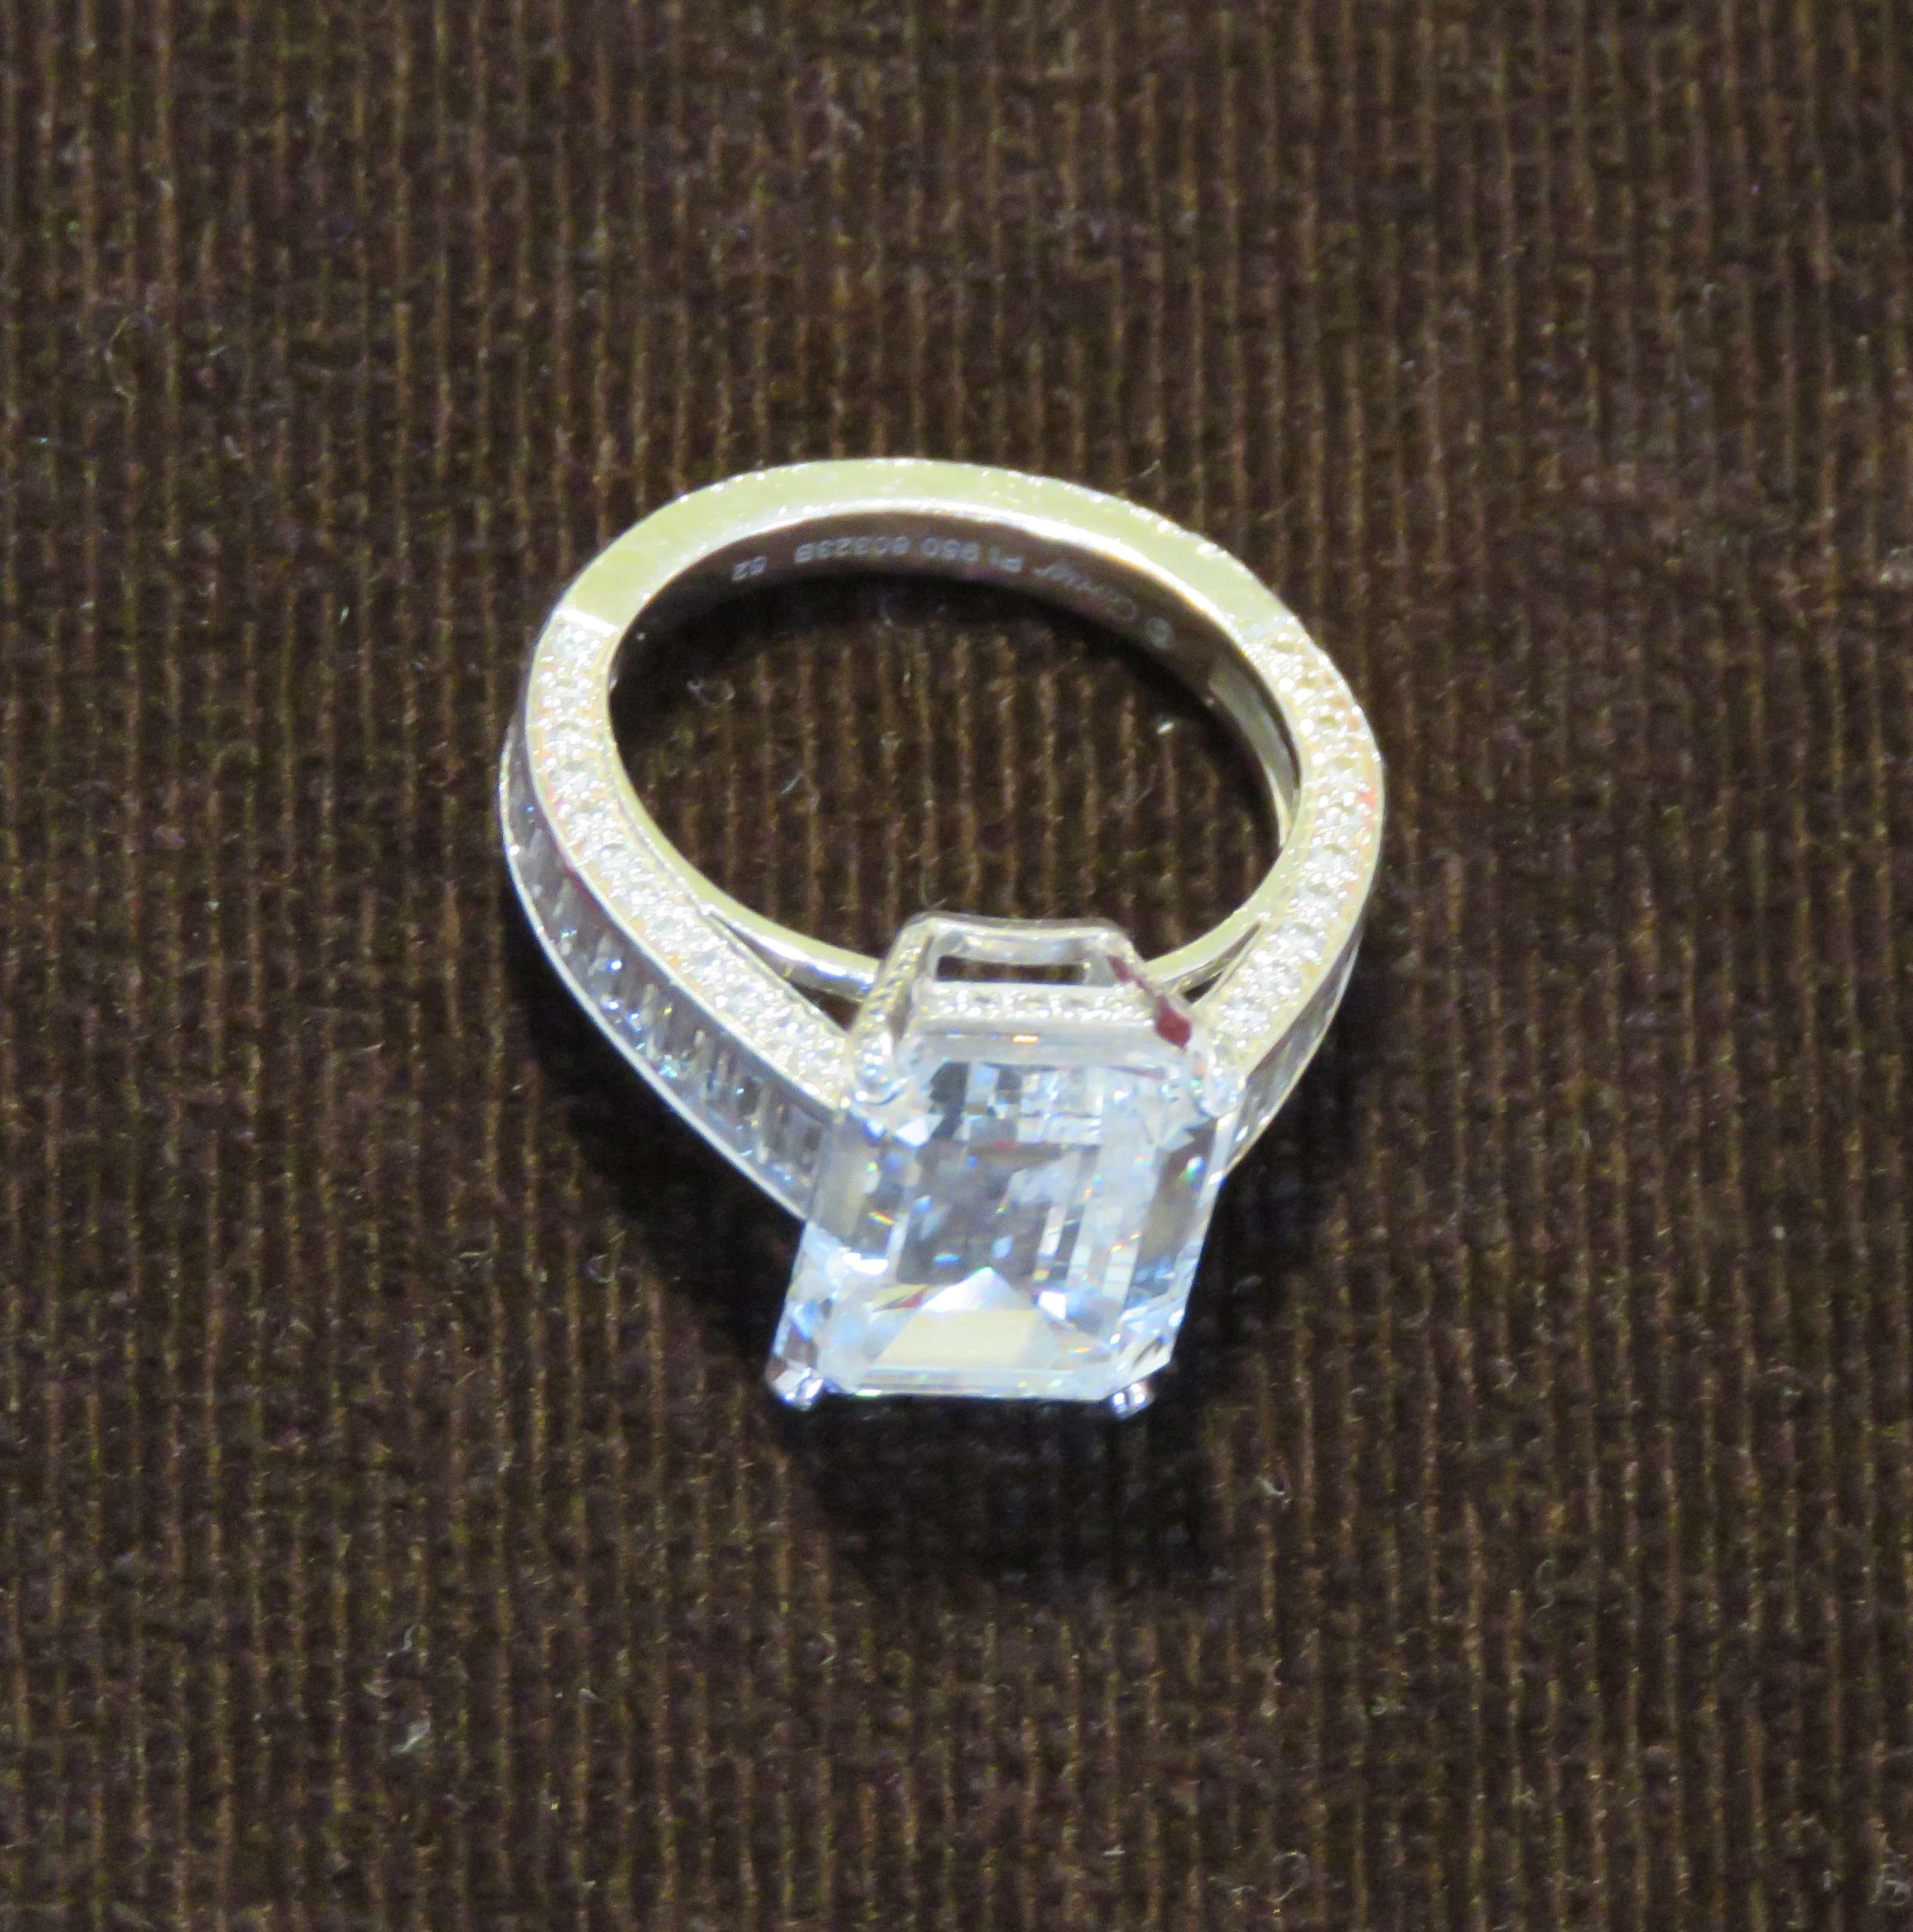 5916ad3bb8e4 Британская полиция конфисковала кольцо Cartier за полтора миллиона ...